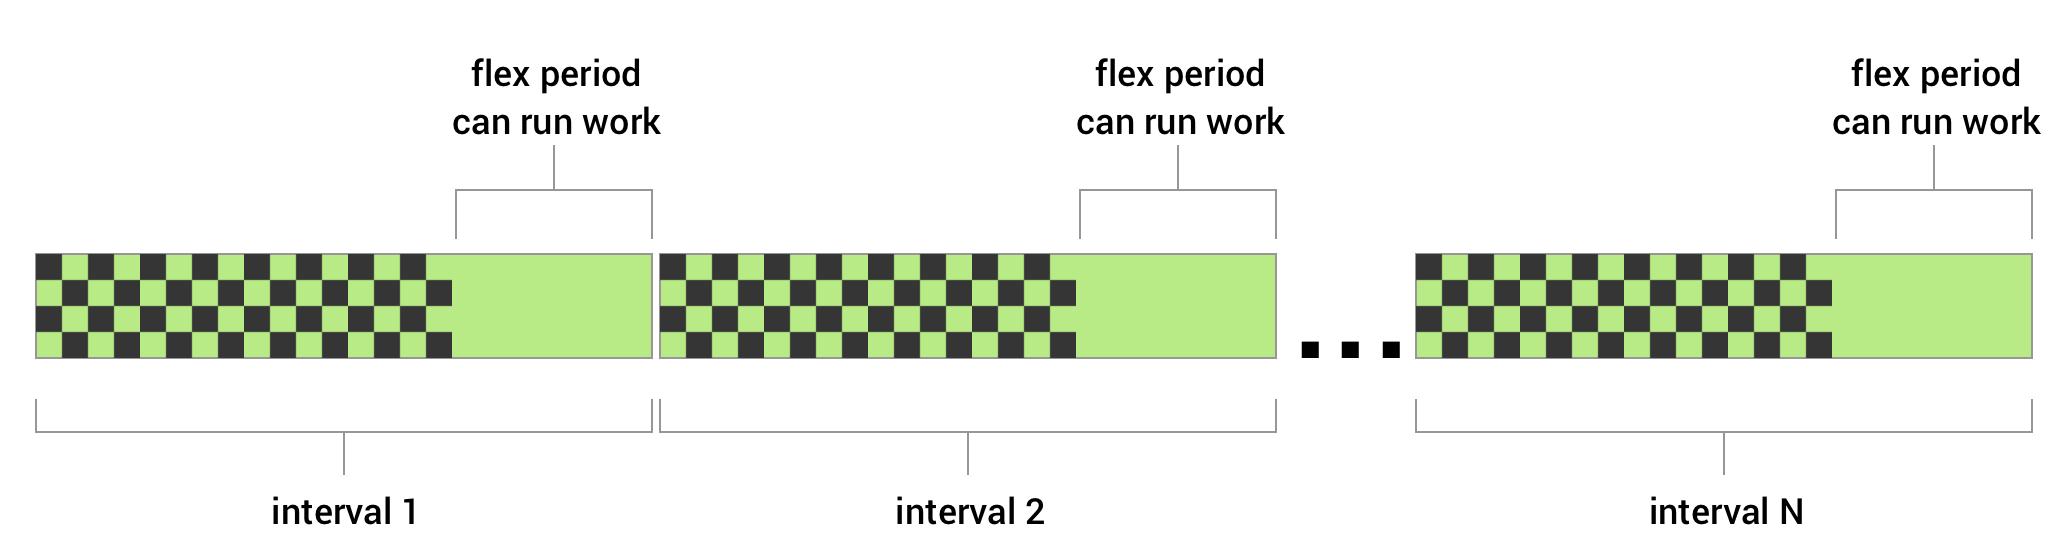 定期的なジョブのフレックス間隔を設定できます。繰り返し間隔と、繰り返し間隔の終わりに一定の時間を指定するフレックス間隔を定義します。WorkManager は、各サイクルのフレックス間隔内のある時点で、ジョブの実行を試みます。